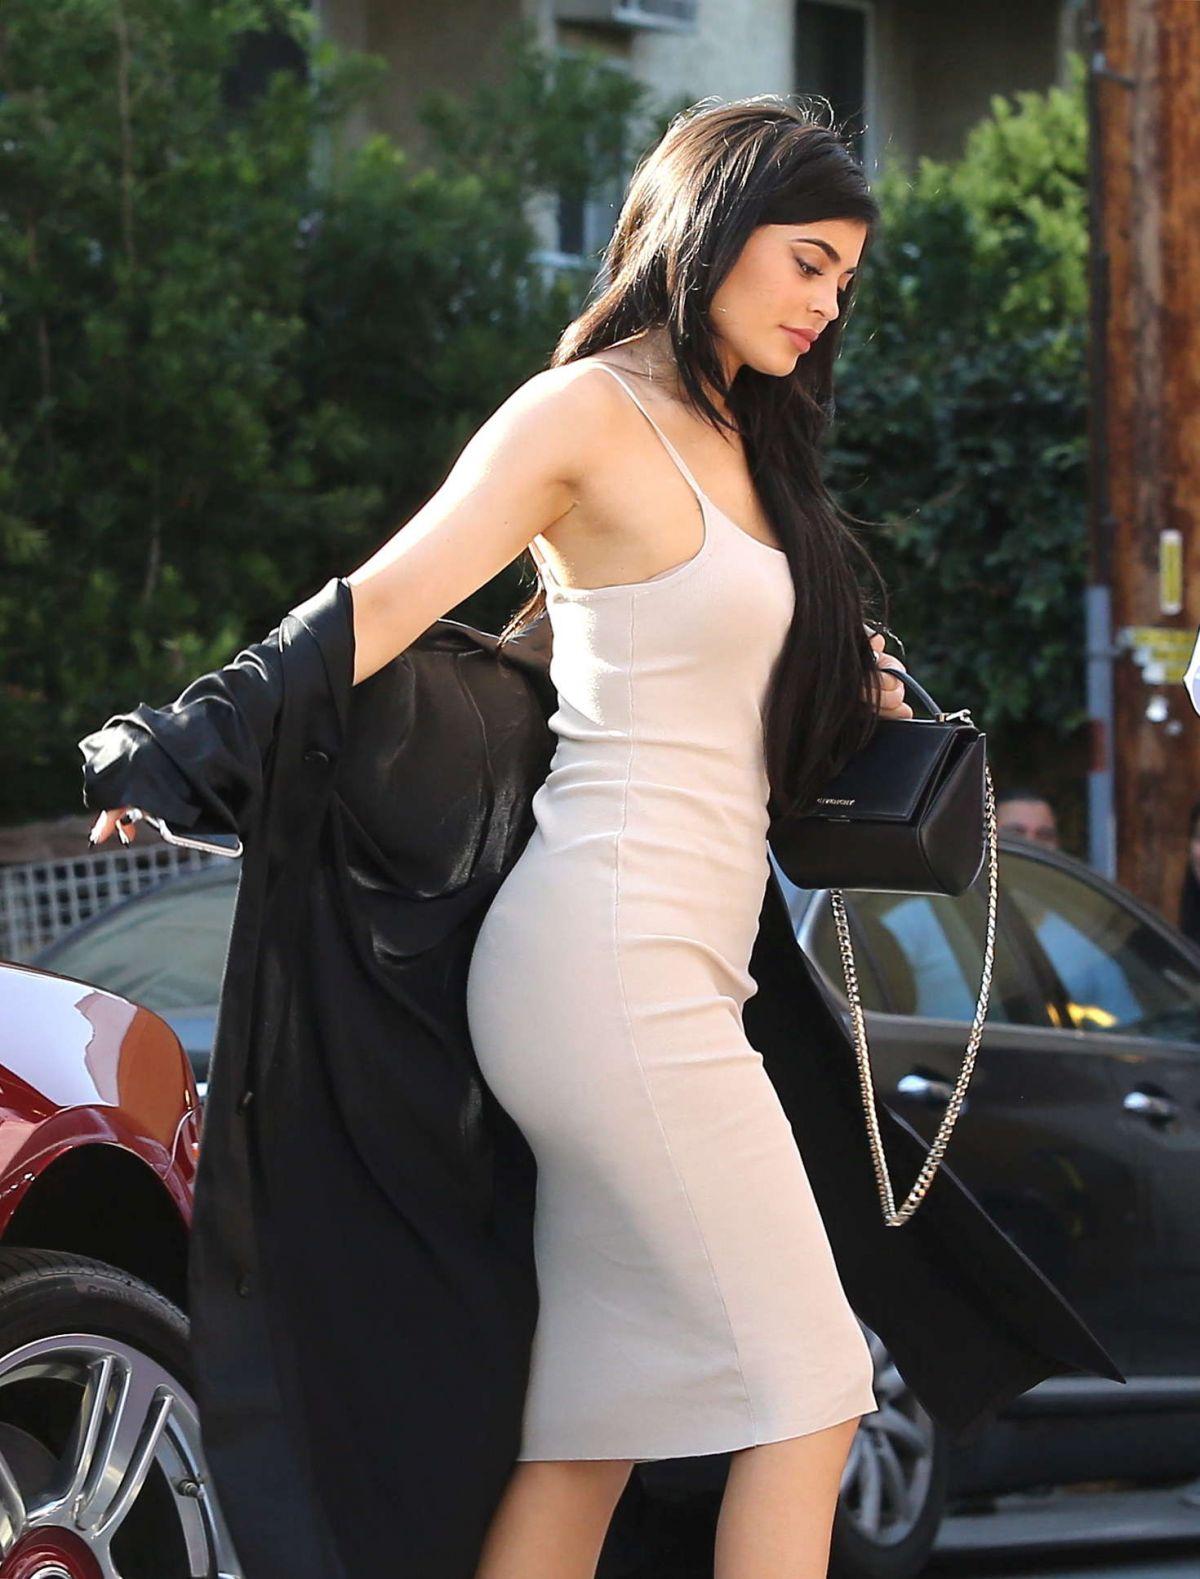 KYLIE JENNER Arrives at Nobu Restaurant in West Hollywood